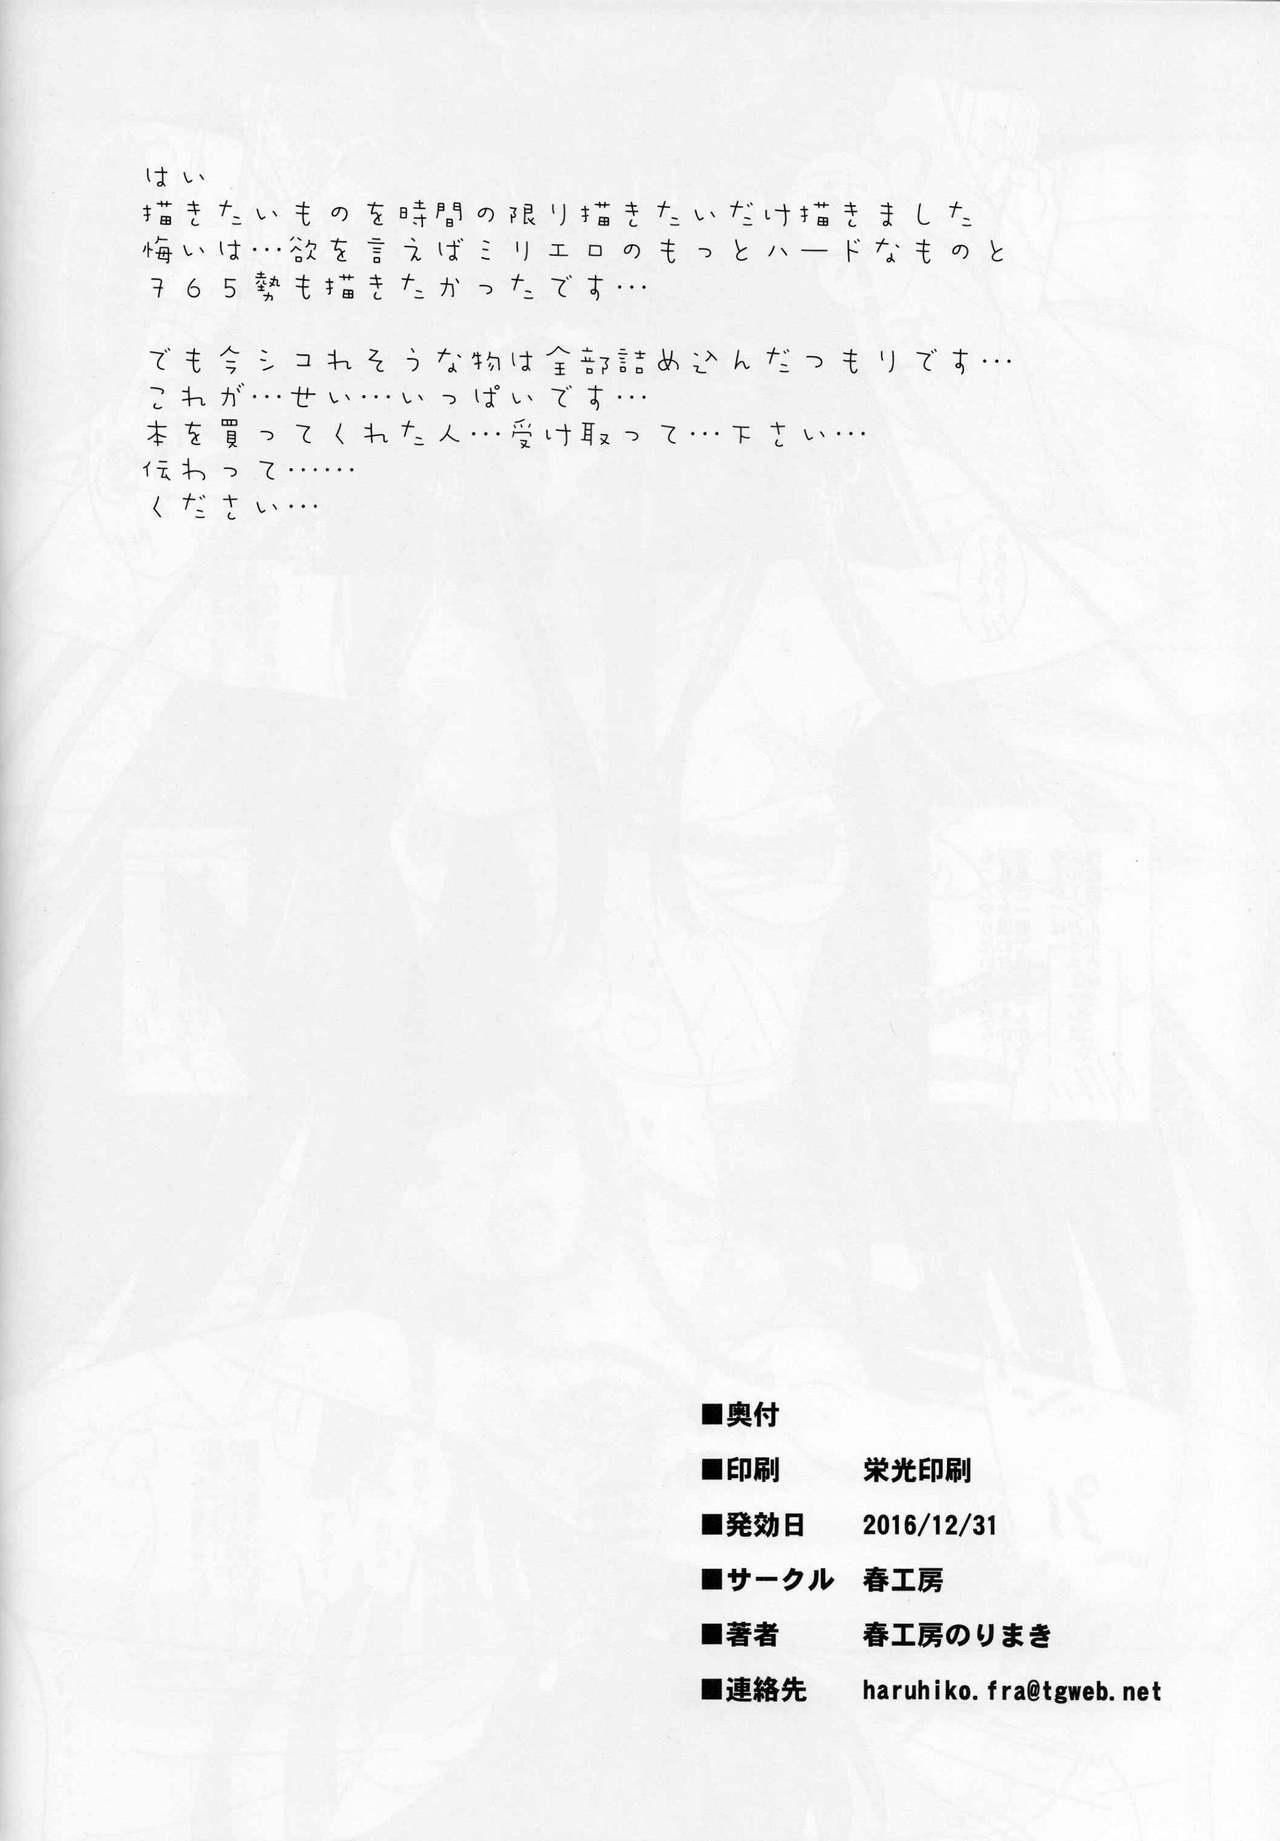 C91 Rough Book 16